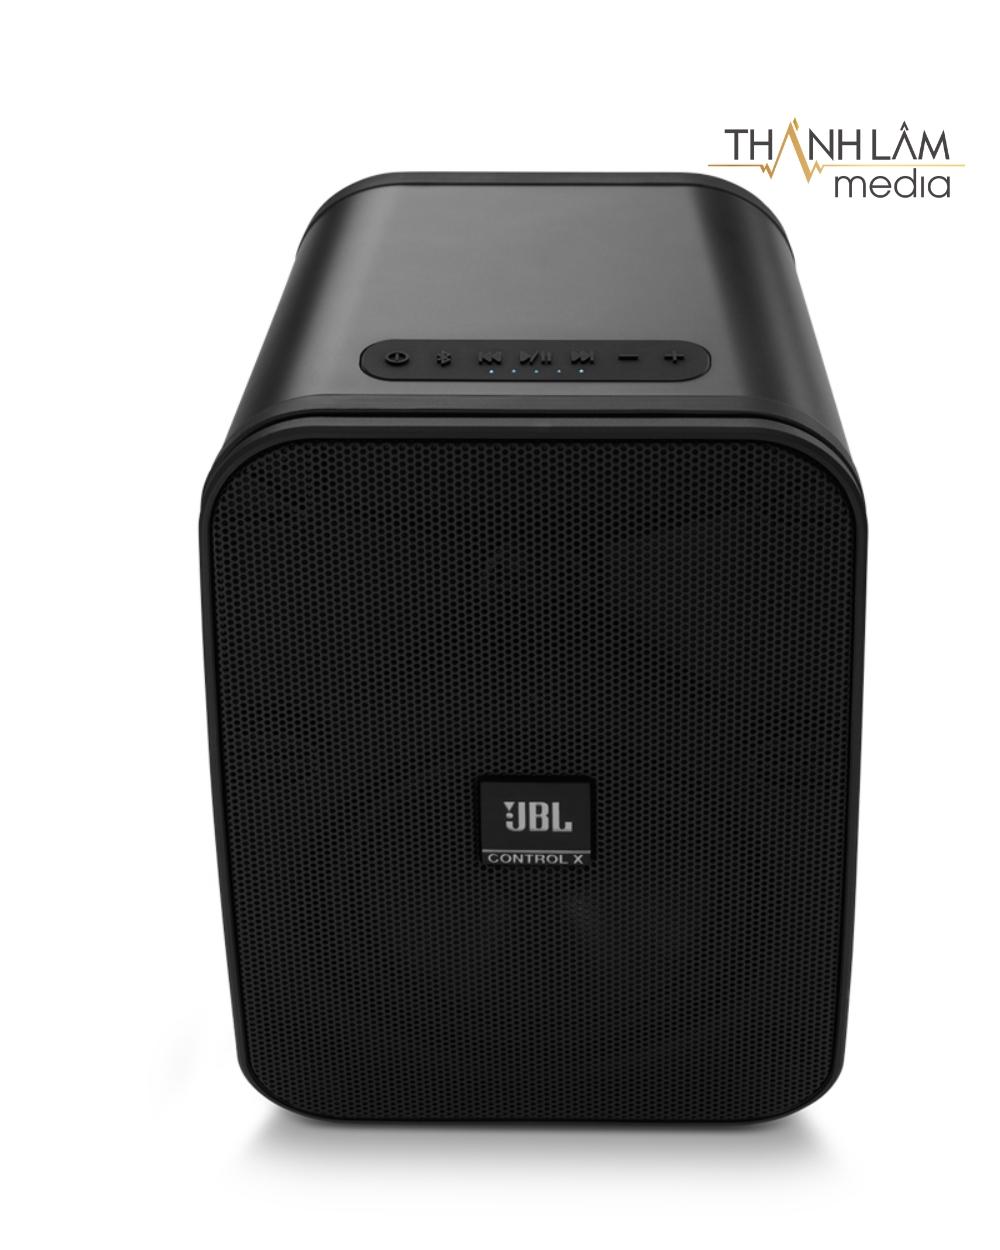 thanhlammedia-jbl-control-x-wireless-NEU29-products-option-image-469-1498539295-H8QTD